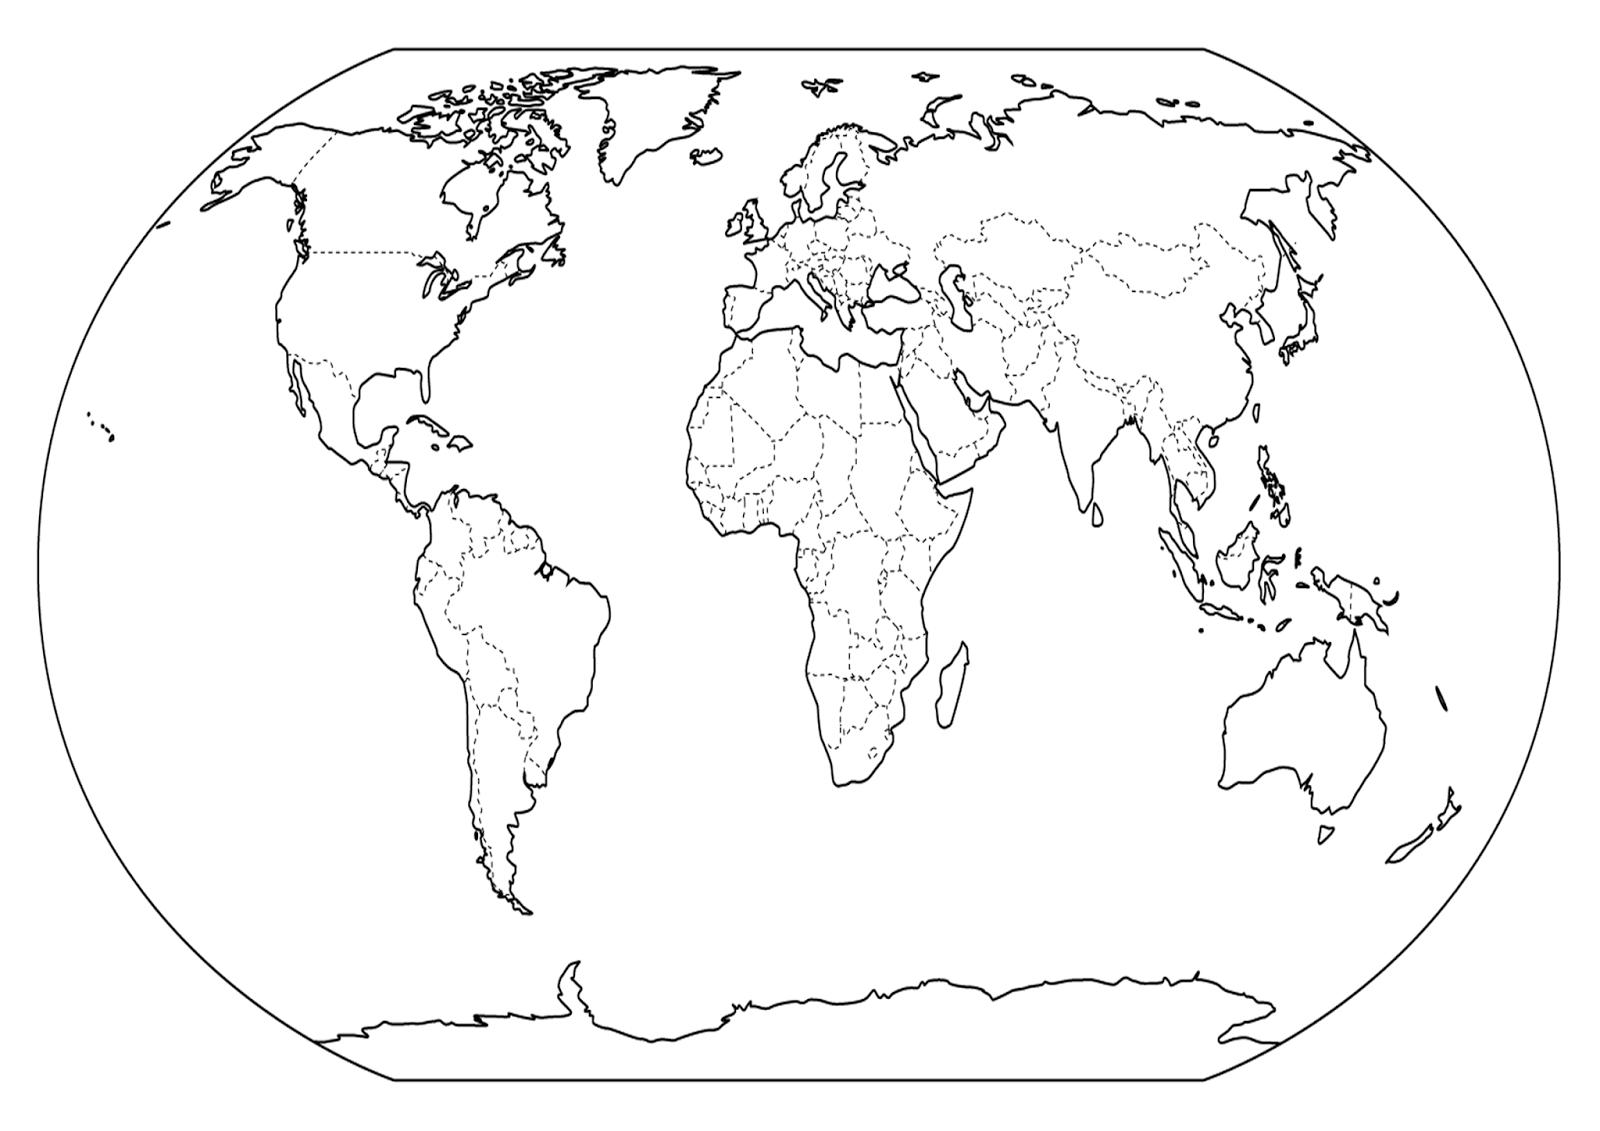 Mapa De Amrica Con Divisin Poltica Sin Nombres Para Imprimir